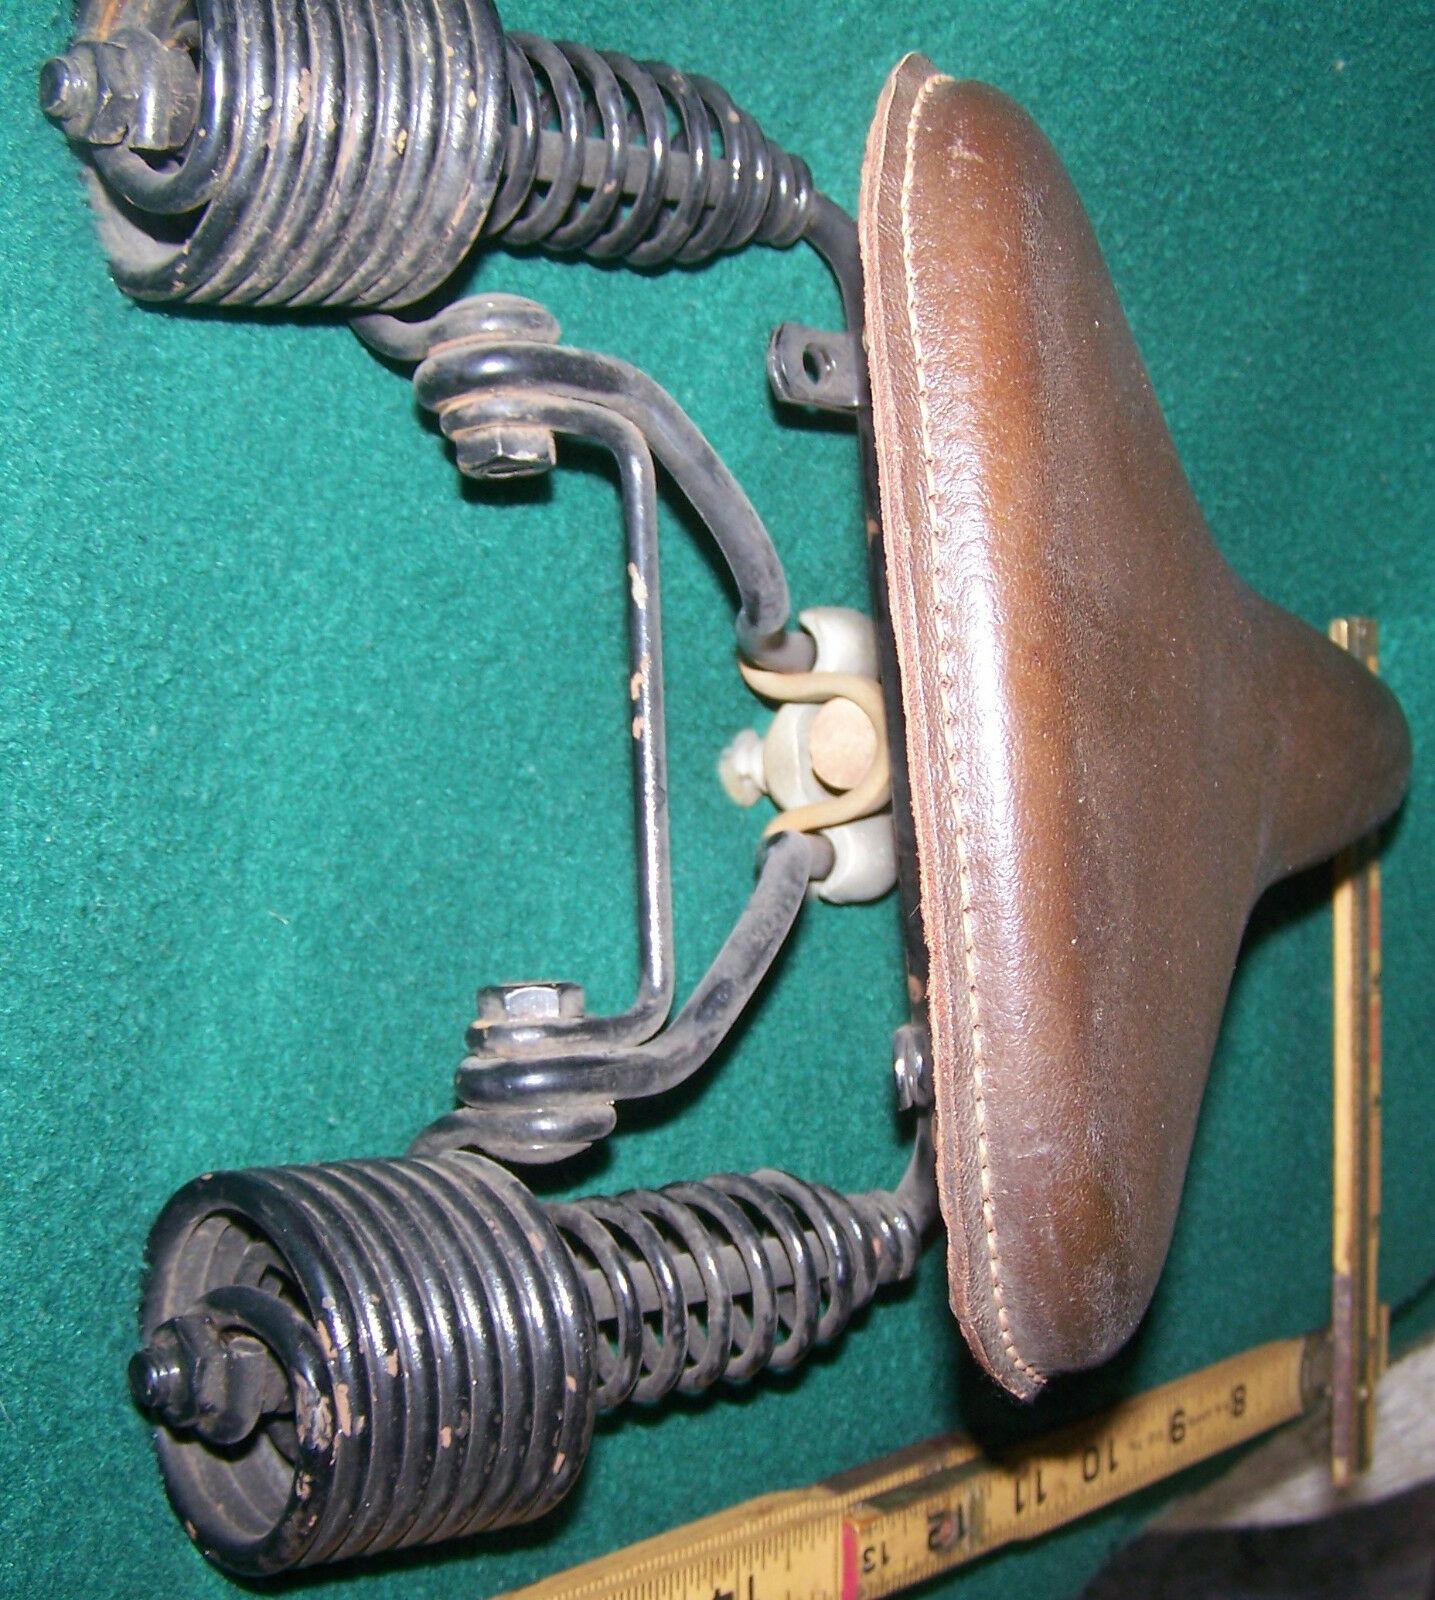 s-l1600 juvi saddle.jpg 3.jpg